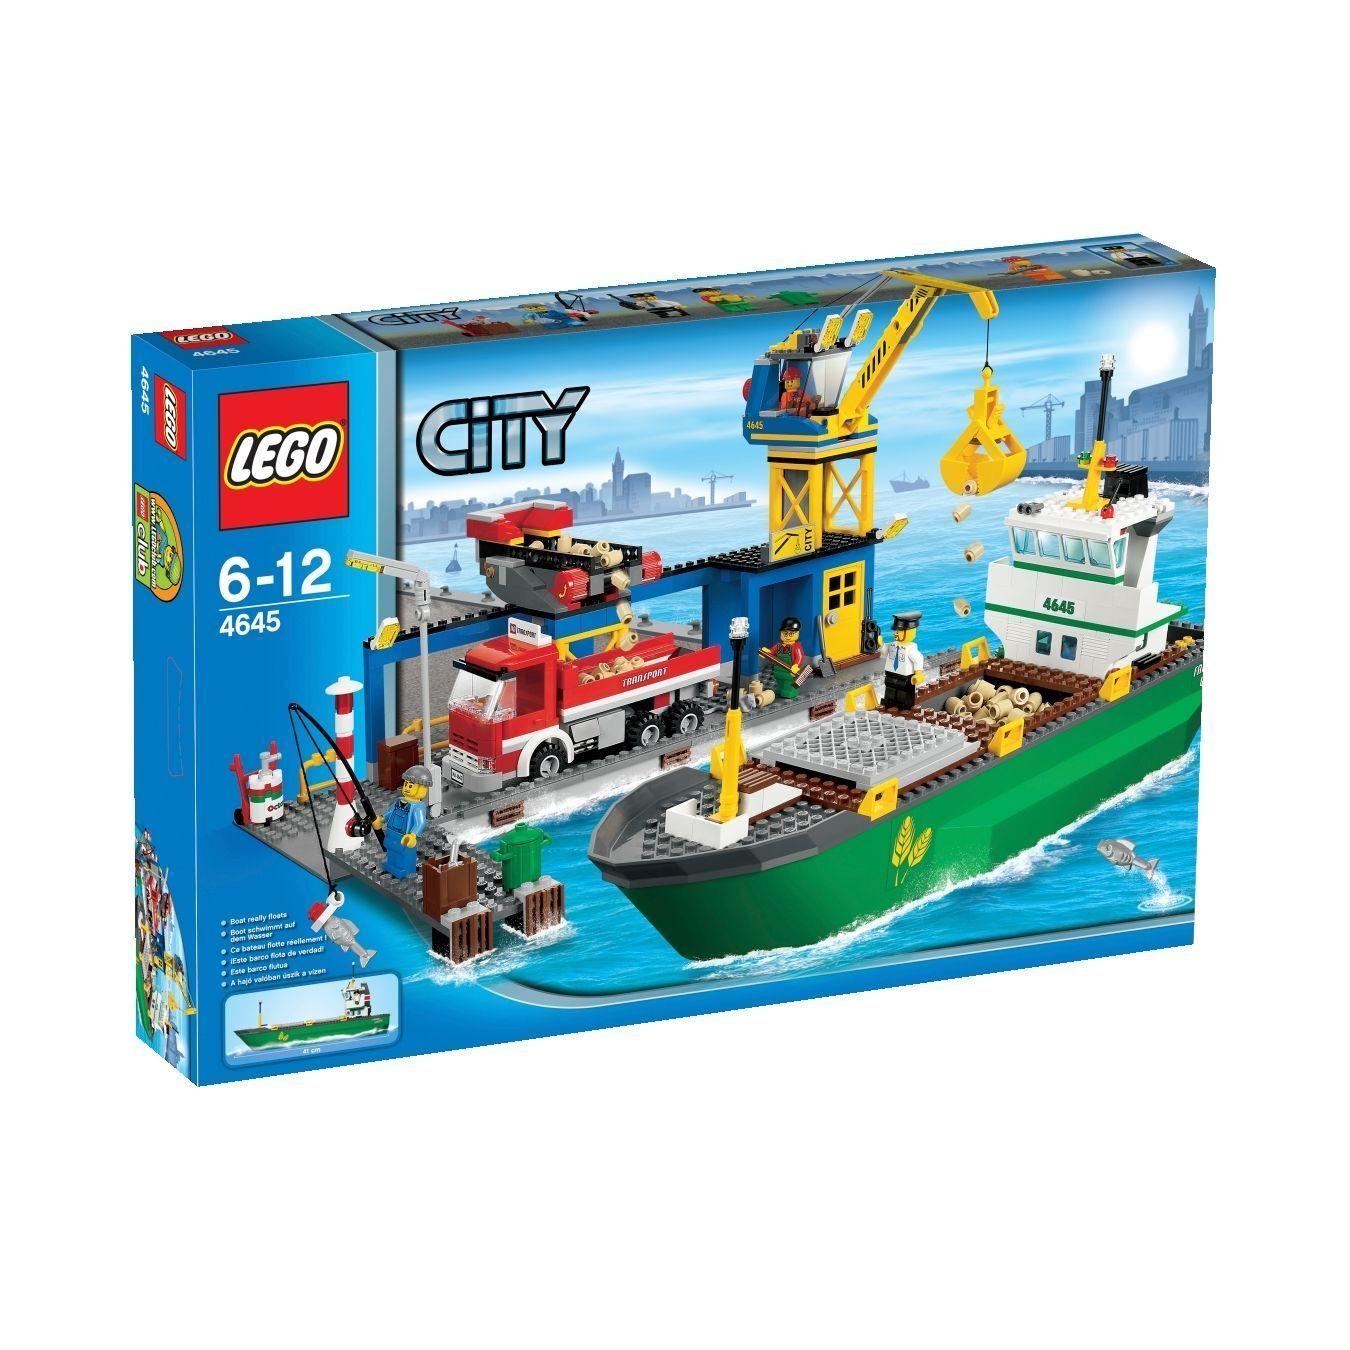 LEGO City Hafen (4645) NEU & OVP RARITÄT